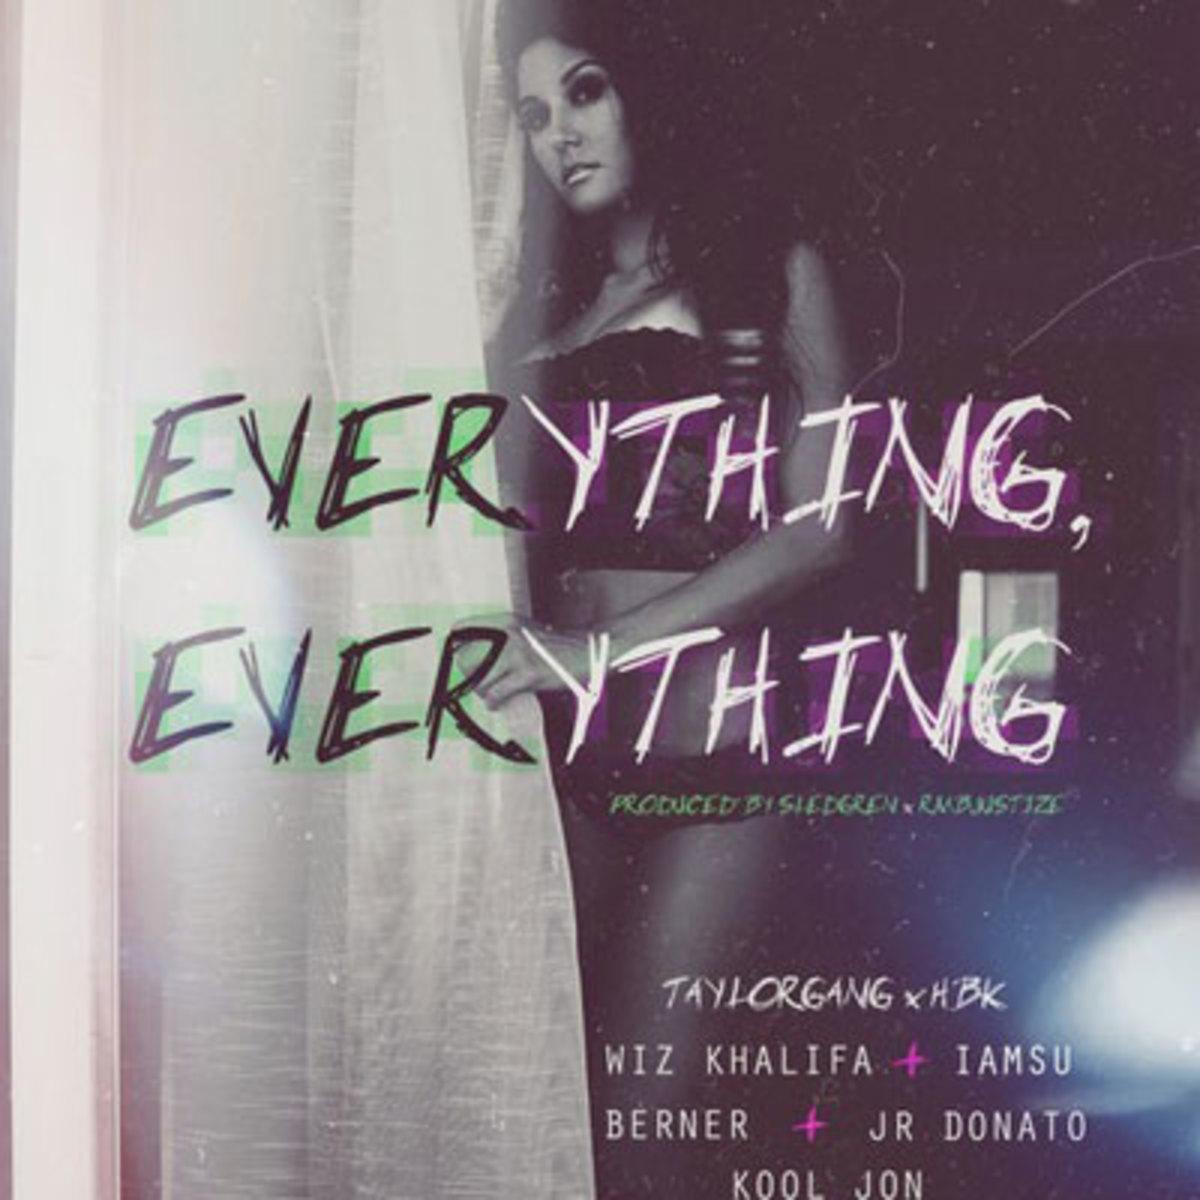 wizkhalifa-everythingeverything.jpg